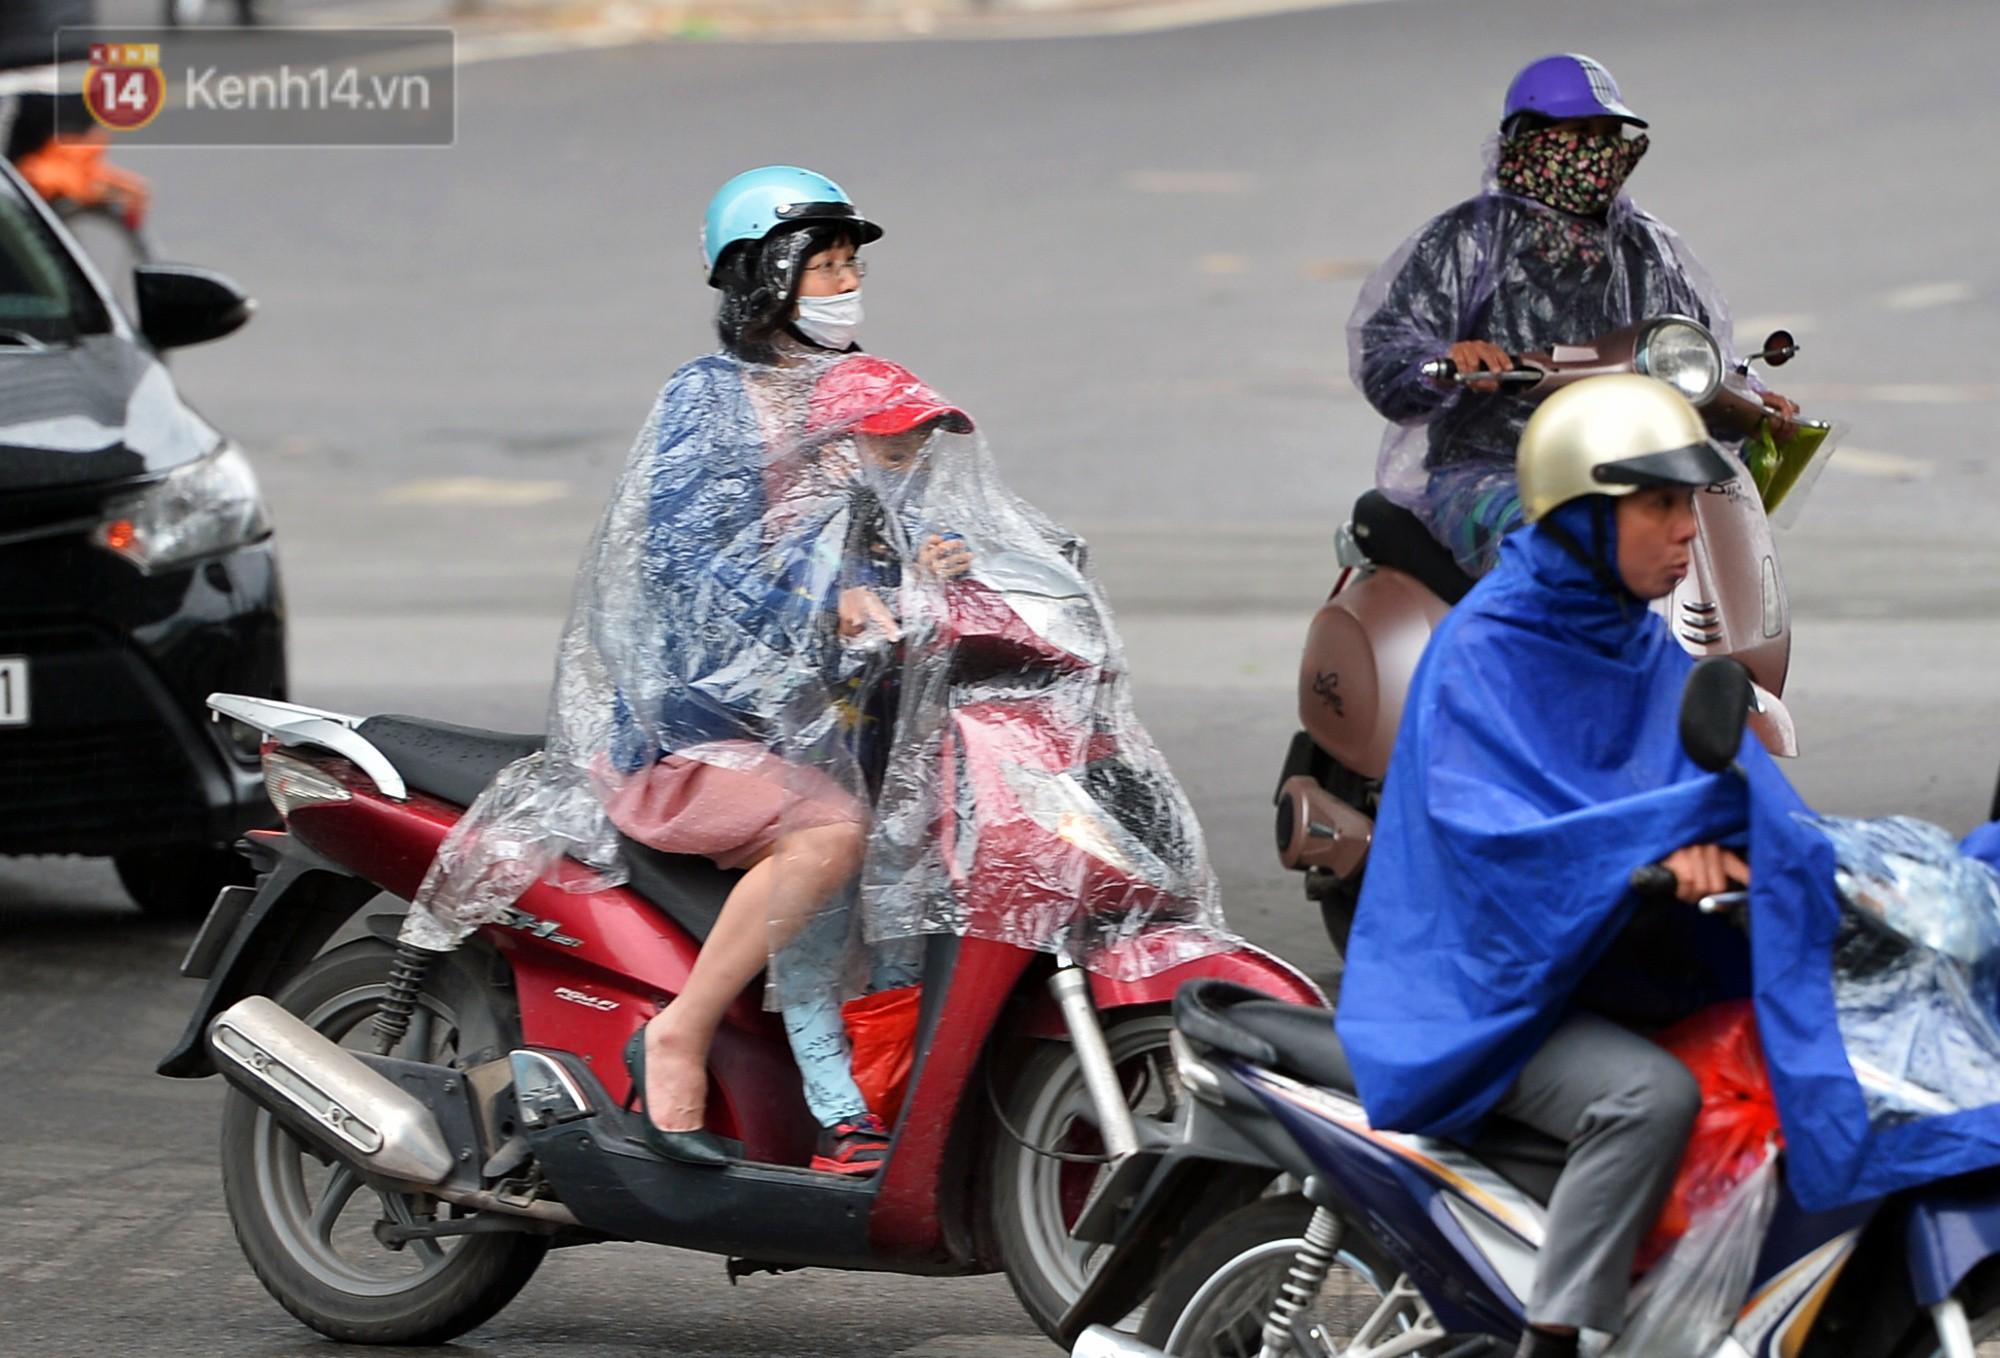 Chùm ảnh: Hà Nội giảm nhiệt độ, người mặc áo khoác dày, người quần đùi áo cộc xuống phố - Ảnh 10.